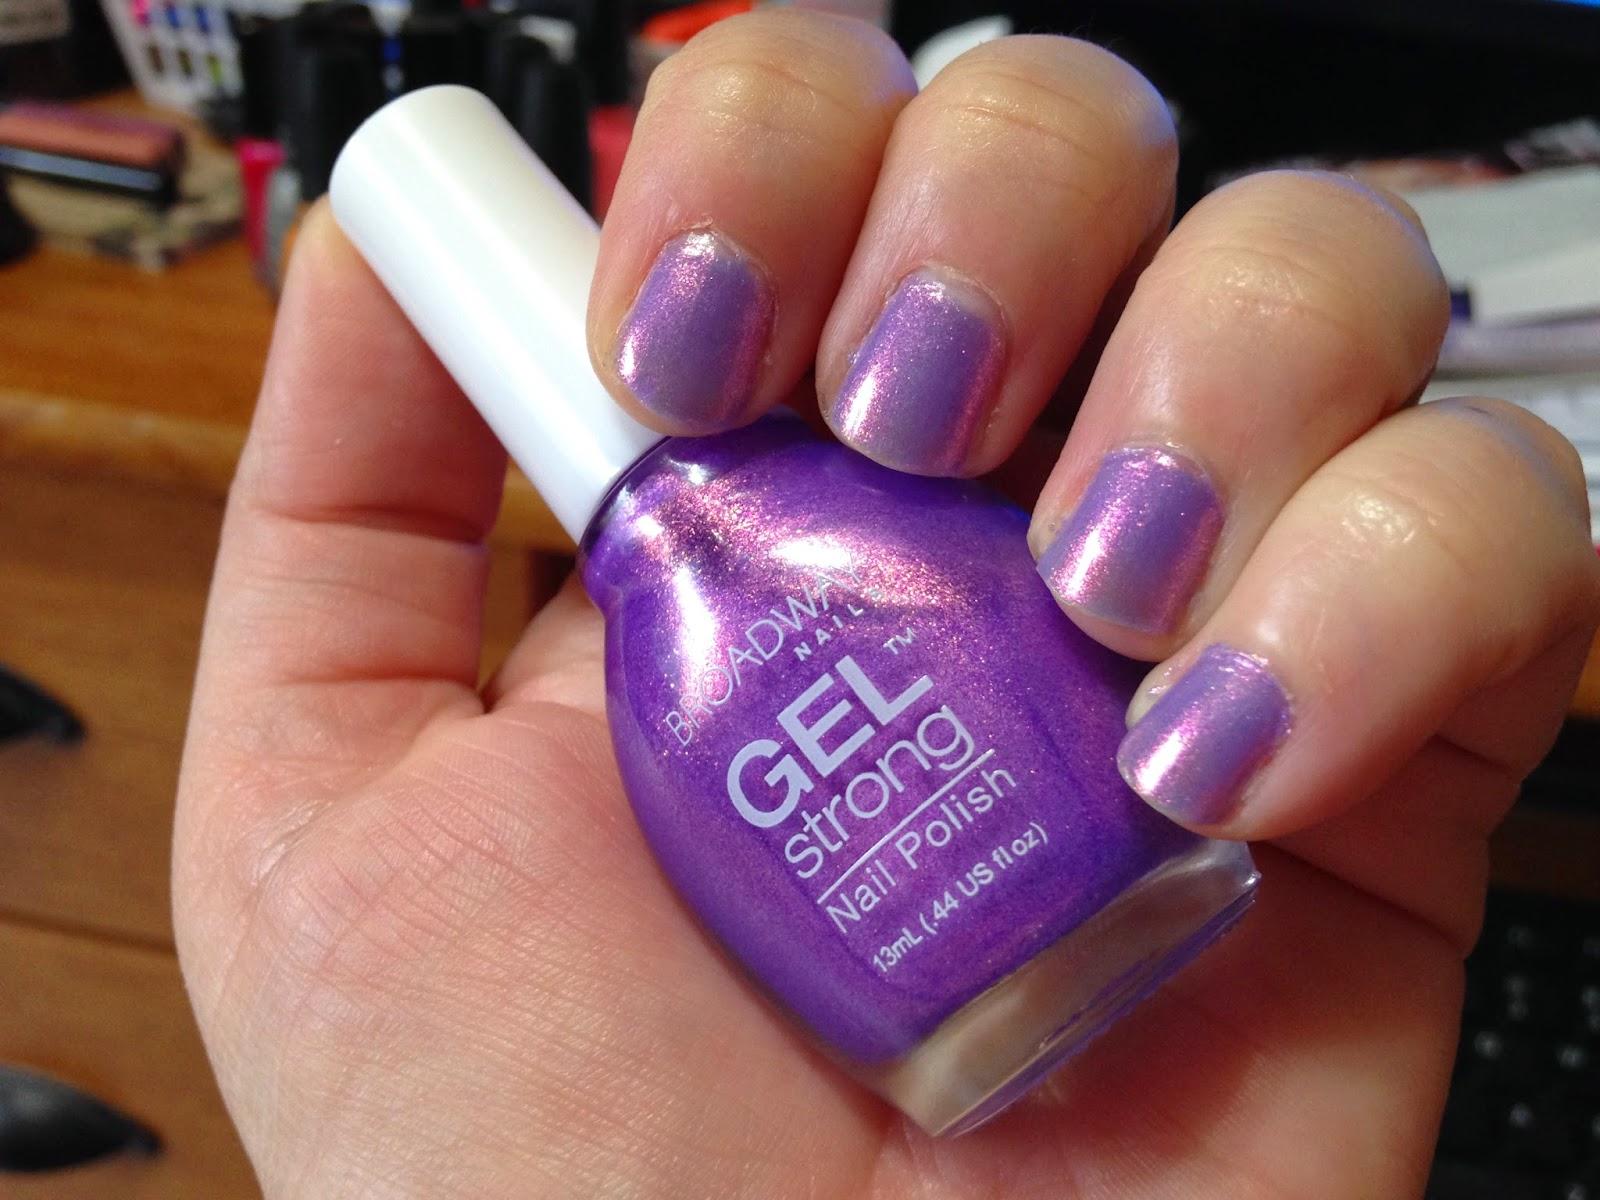 broadway nails gel strong nail polish photo - 2